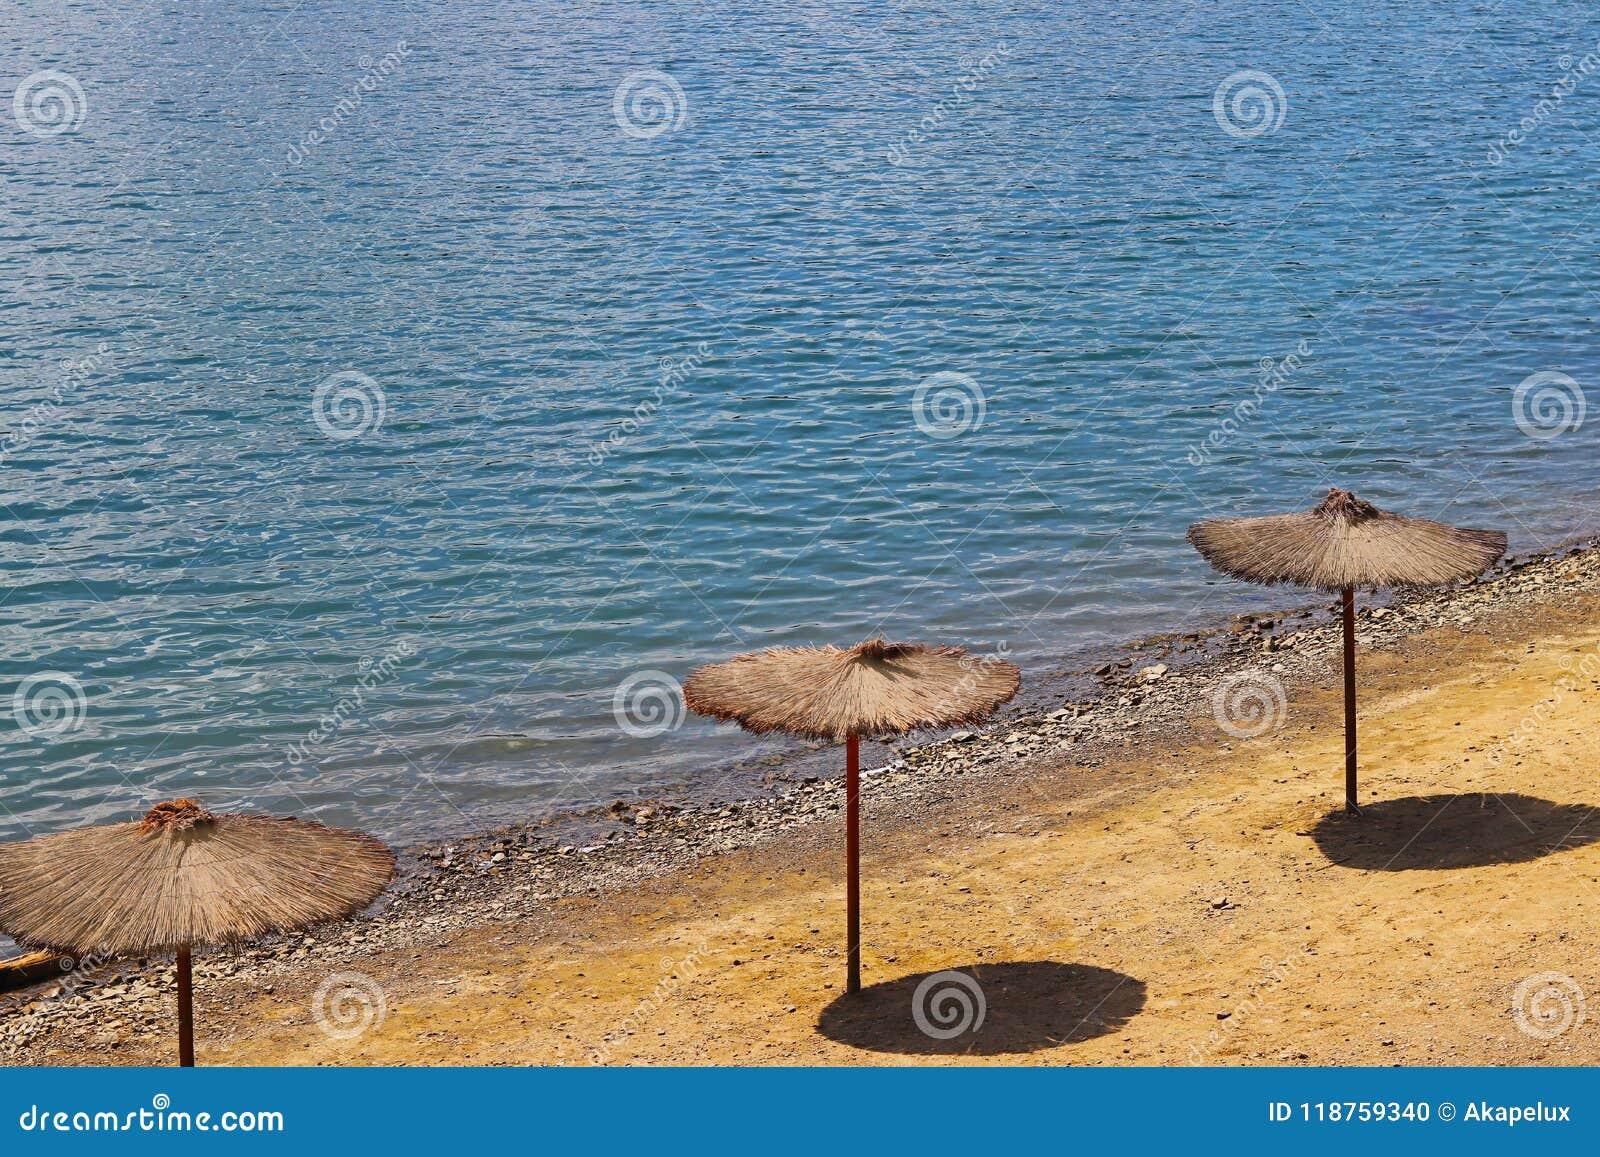 Strand met paraplu s van een klimplant Kwaliteit en comfort van rust bij het water Bescherming tegen zonlicht Rust op het strand